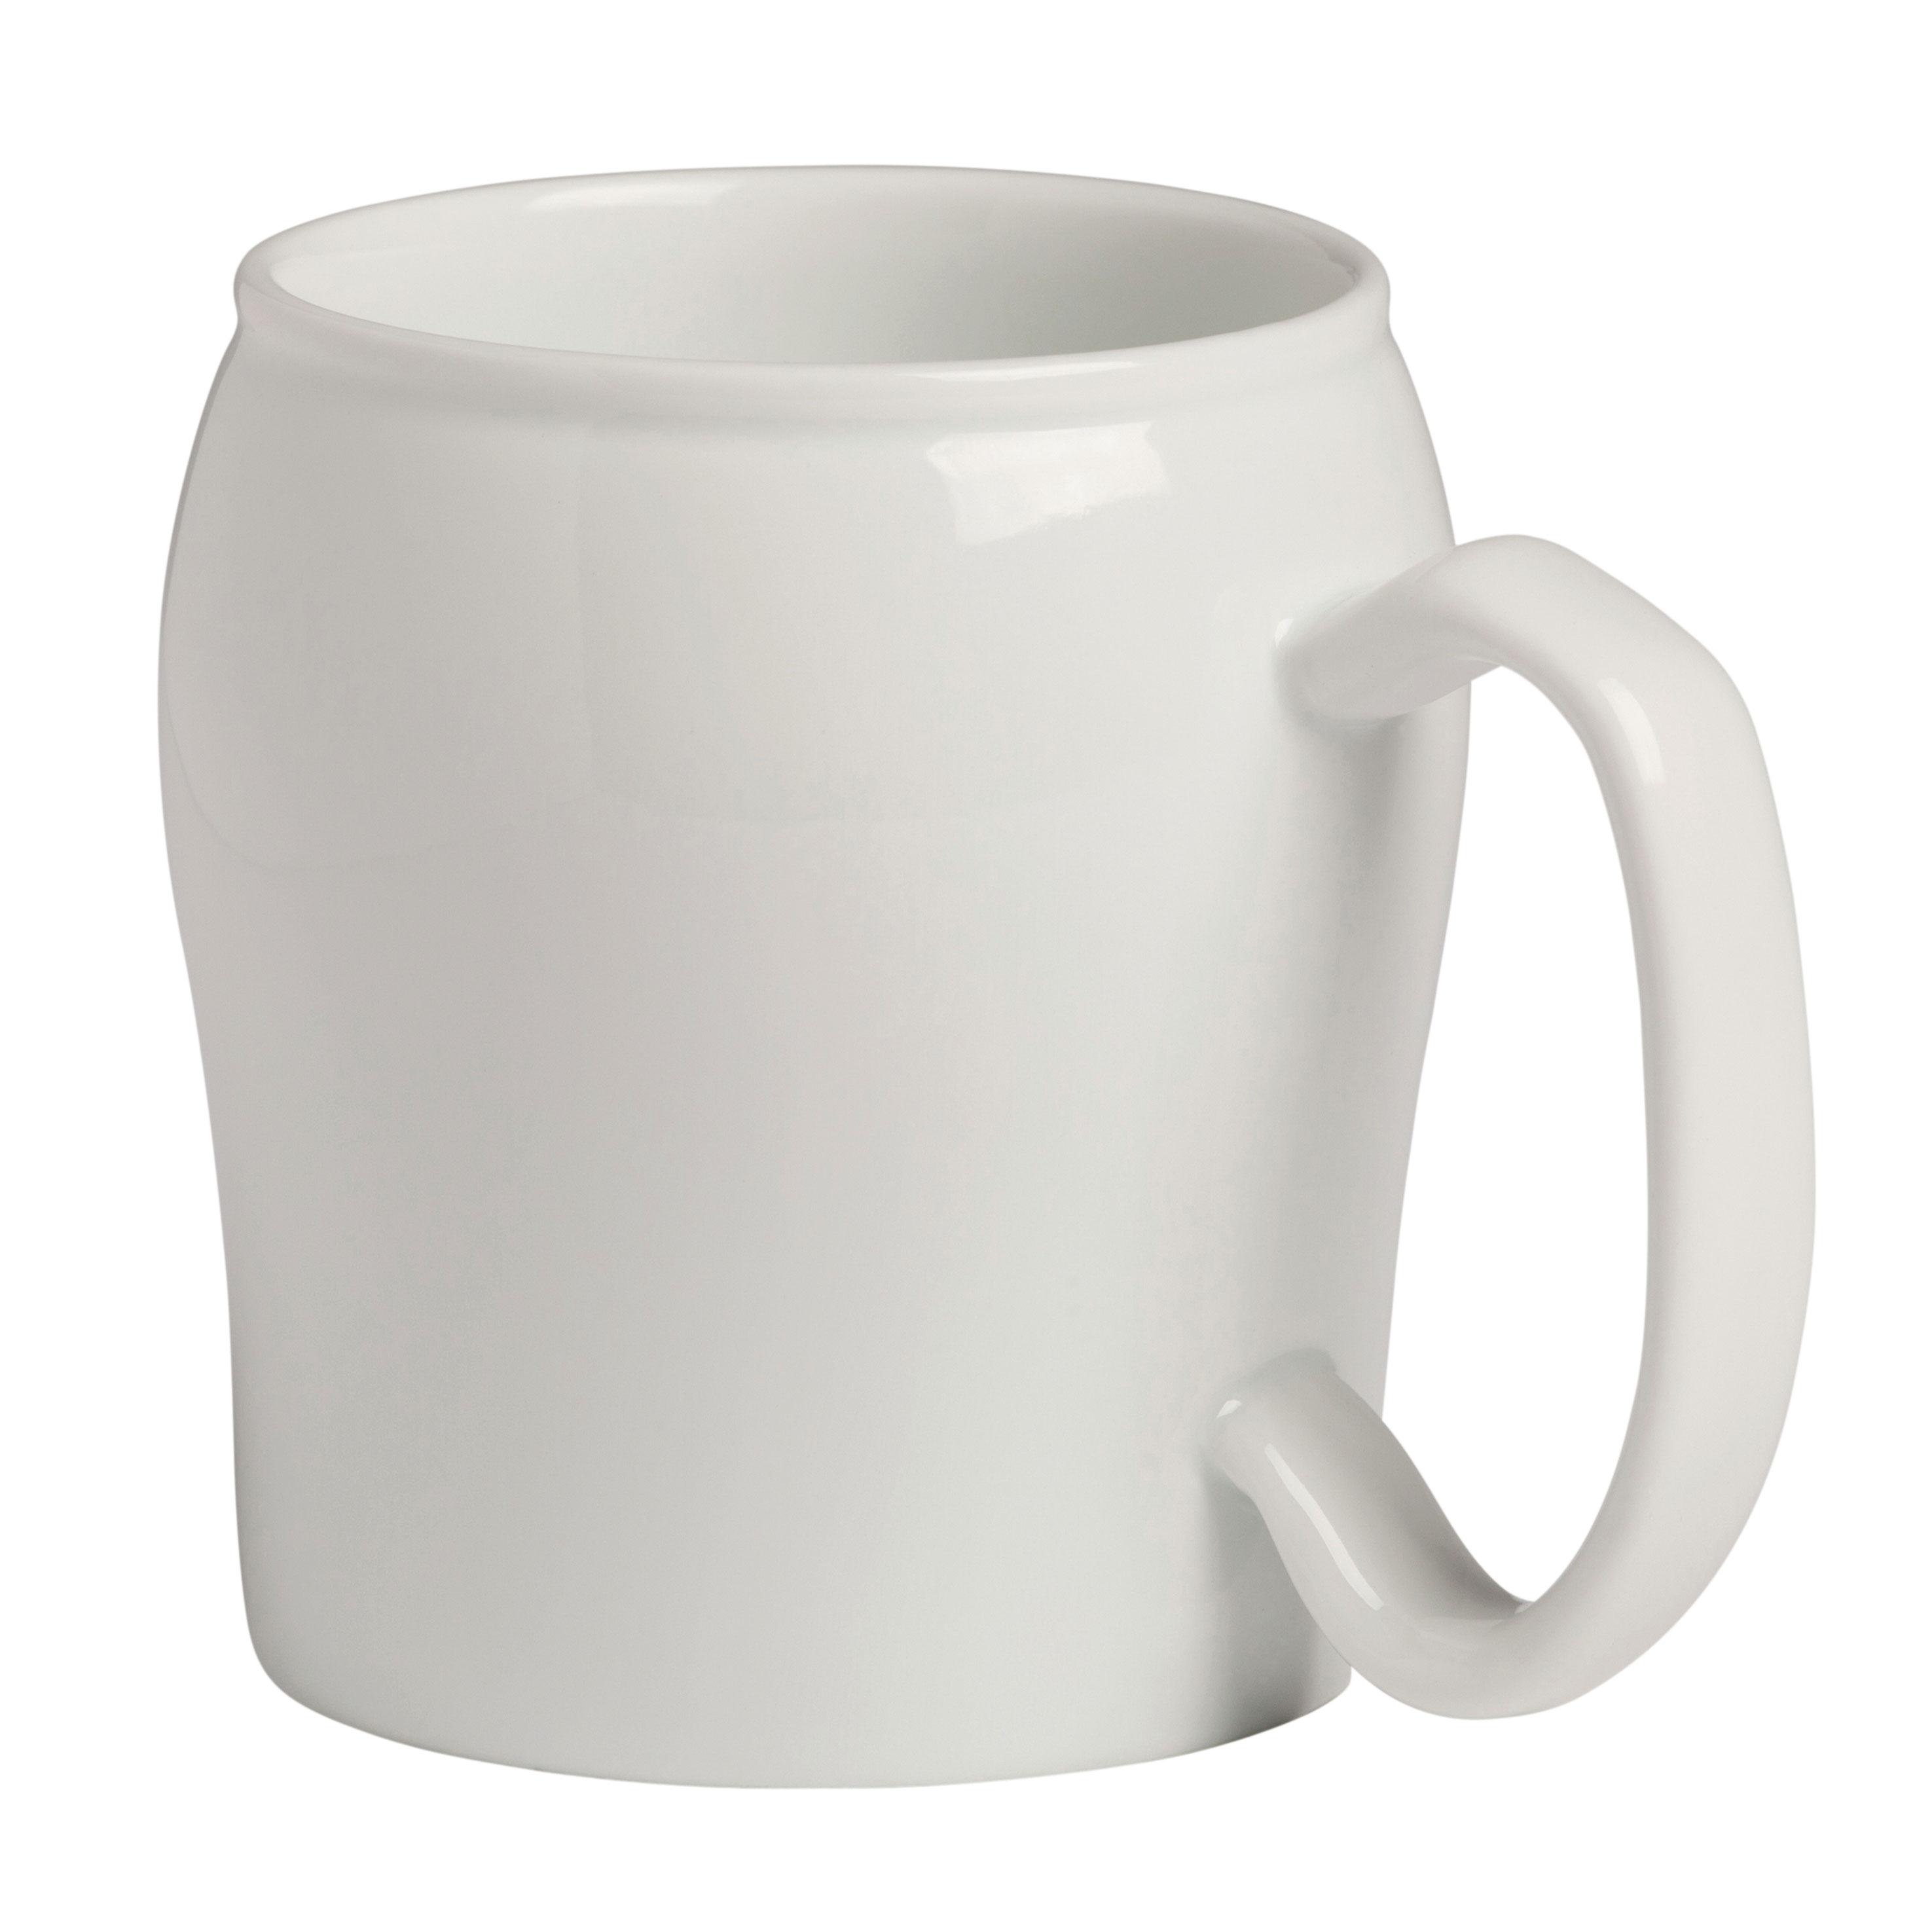 Cambro MDSM8CNL148 mugs/cups (non disposable)